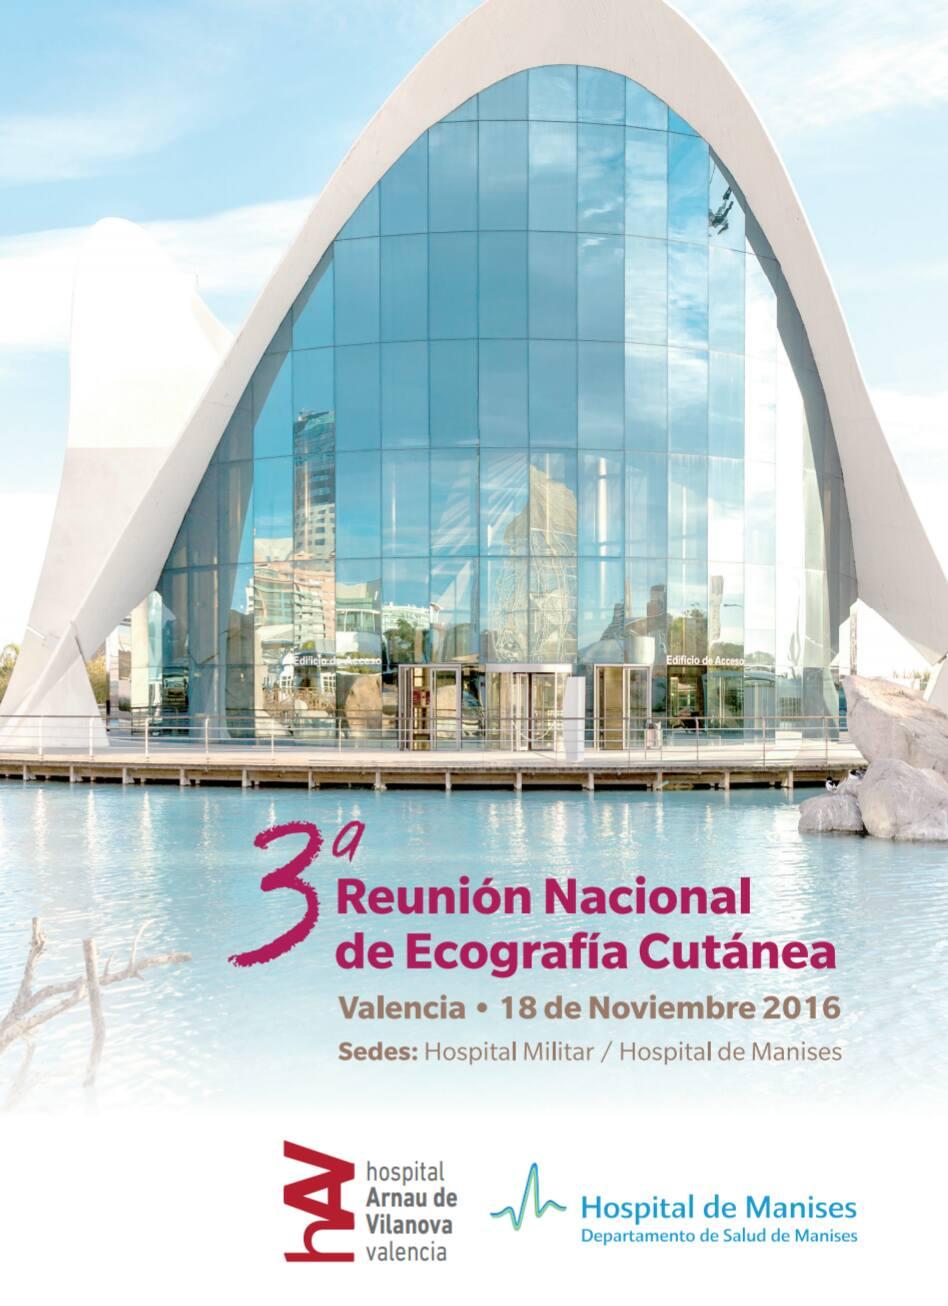 3ª Reunión Nacional de Ecografía Cutánea con decabobove.com